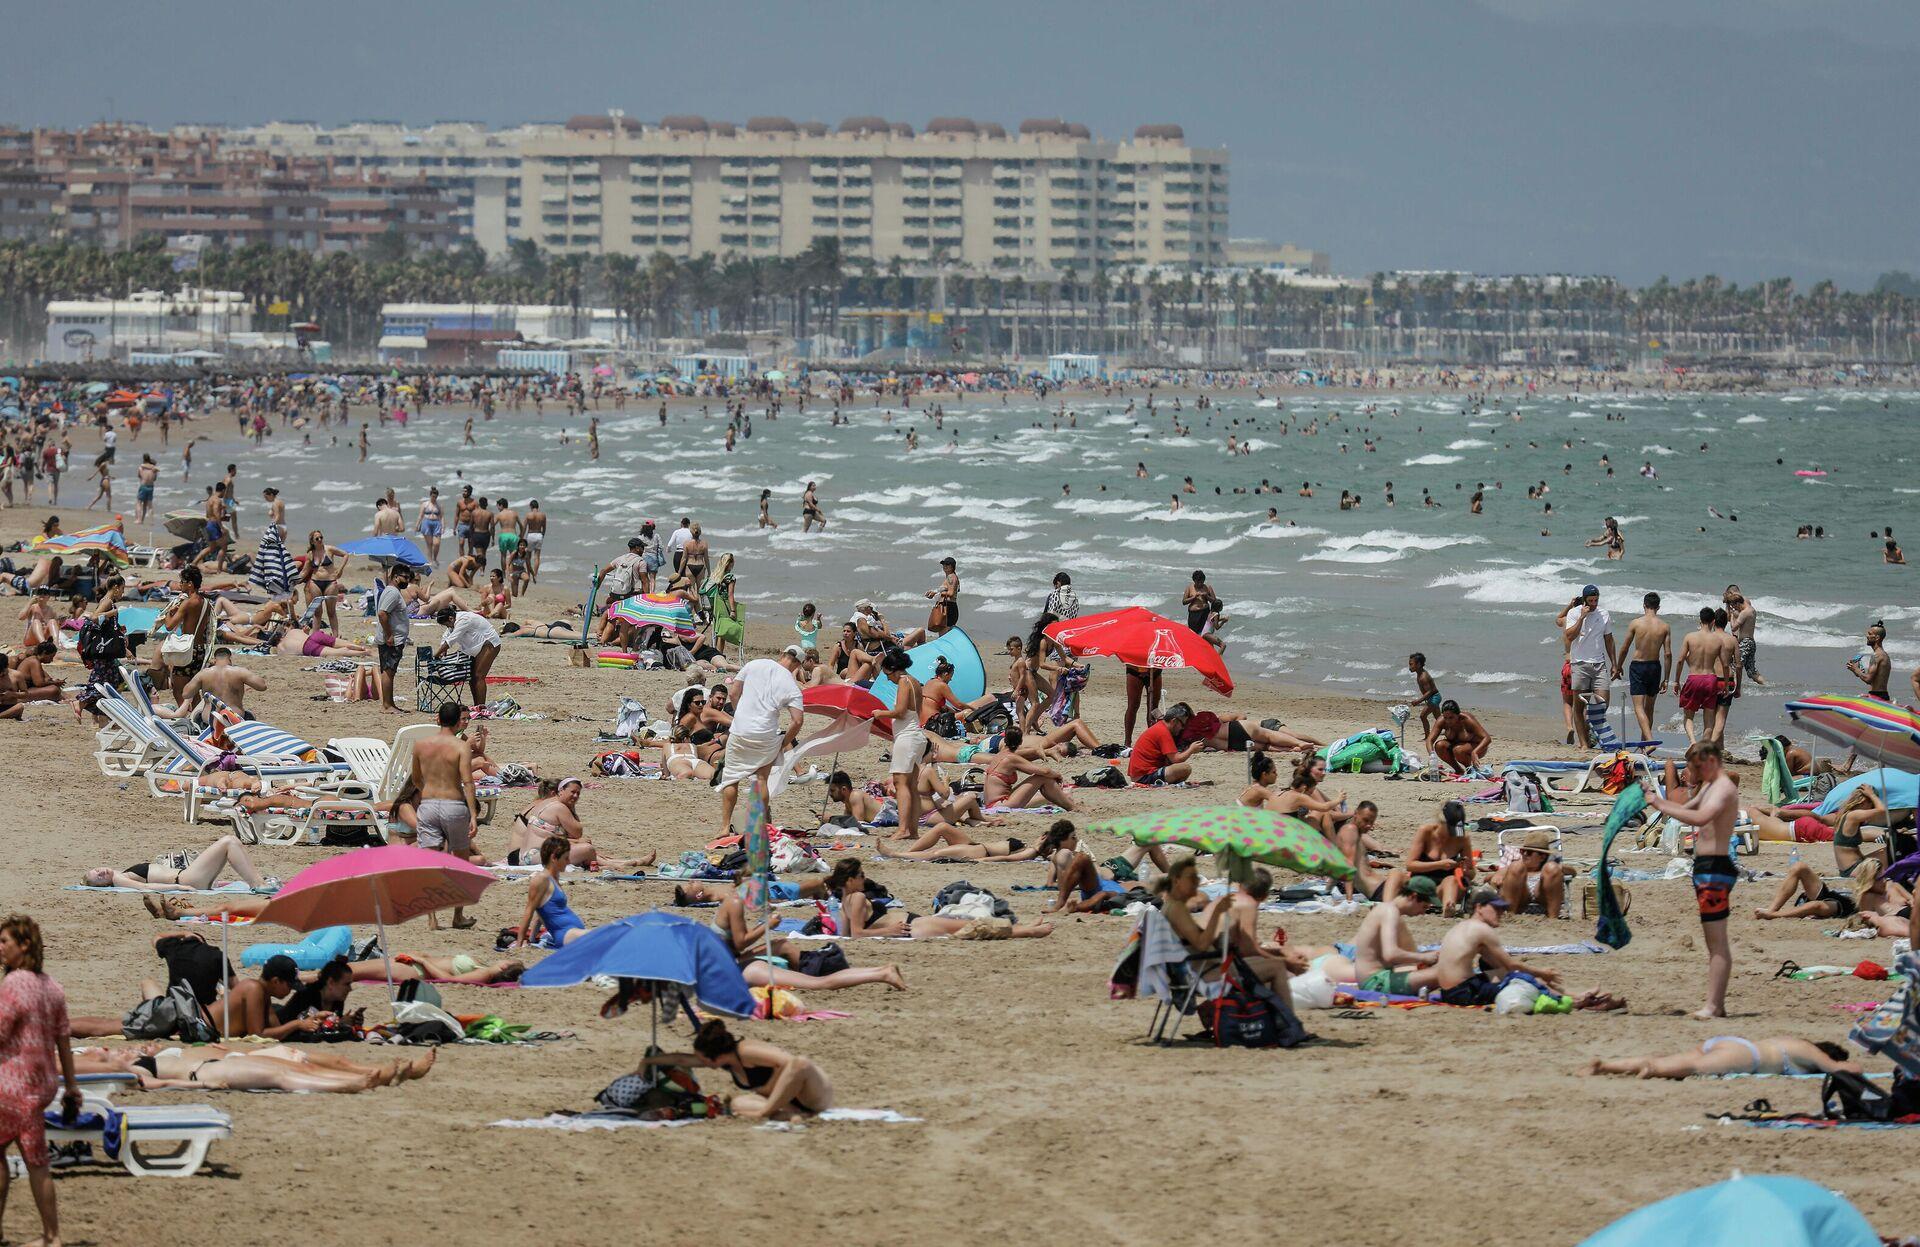 La Playa de la Malvarrosa repleta de gente en un día de alerta roja por altas temperaturas, a 12 de julio de 2021, en Valencia, Comunidad Valenciana (España).  - Sputnik Mundo, 1920, 26.07.2021